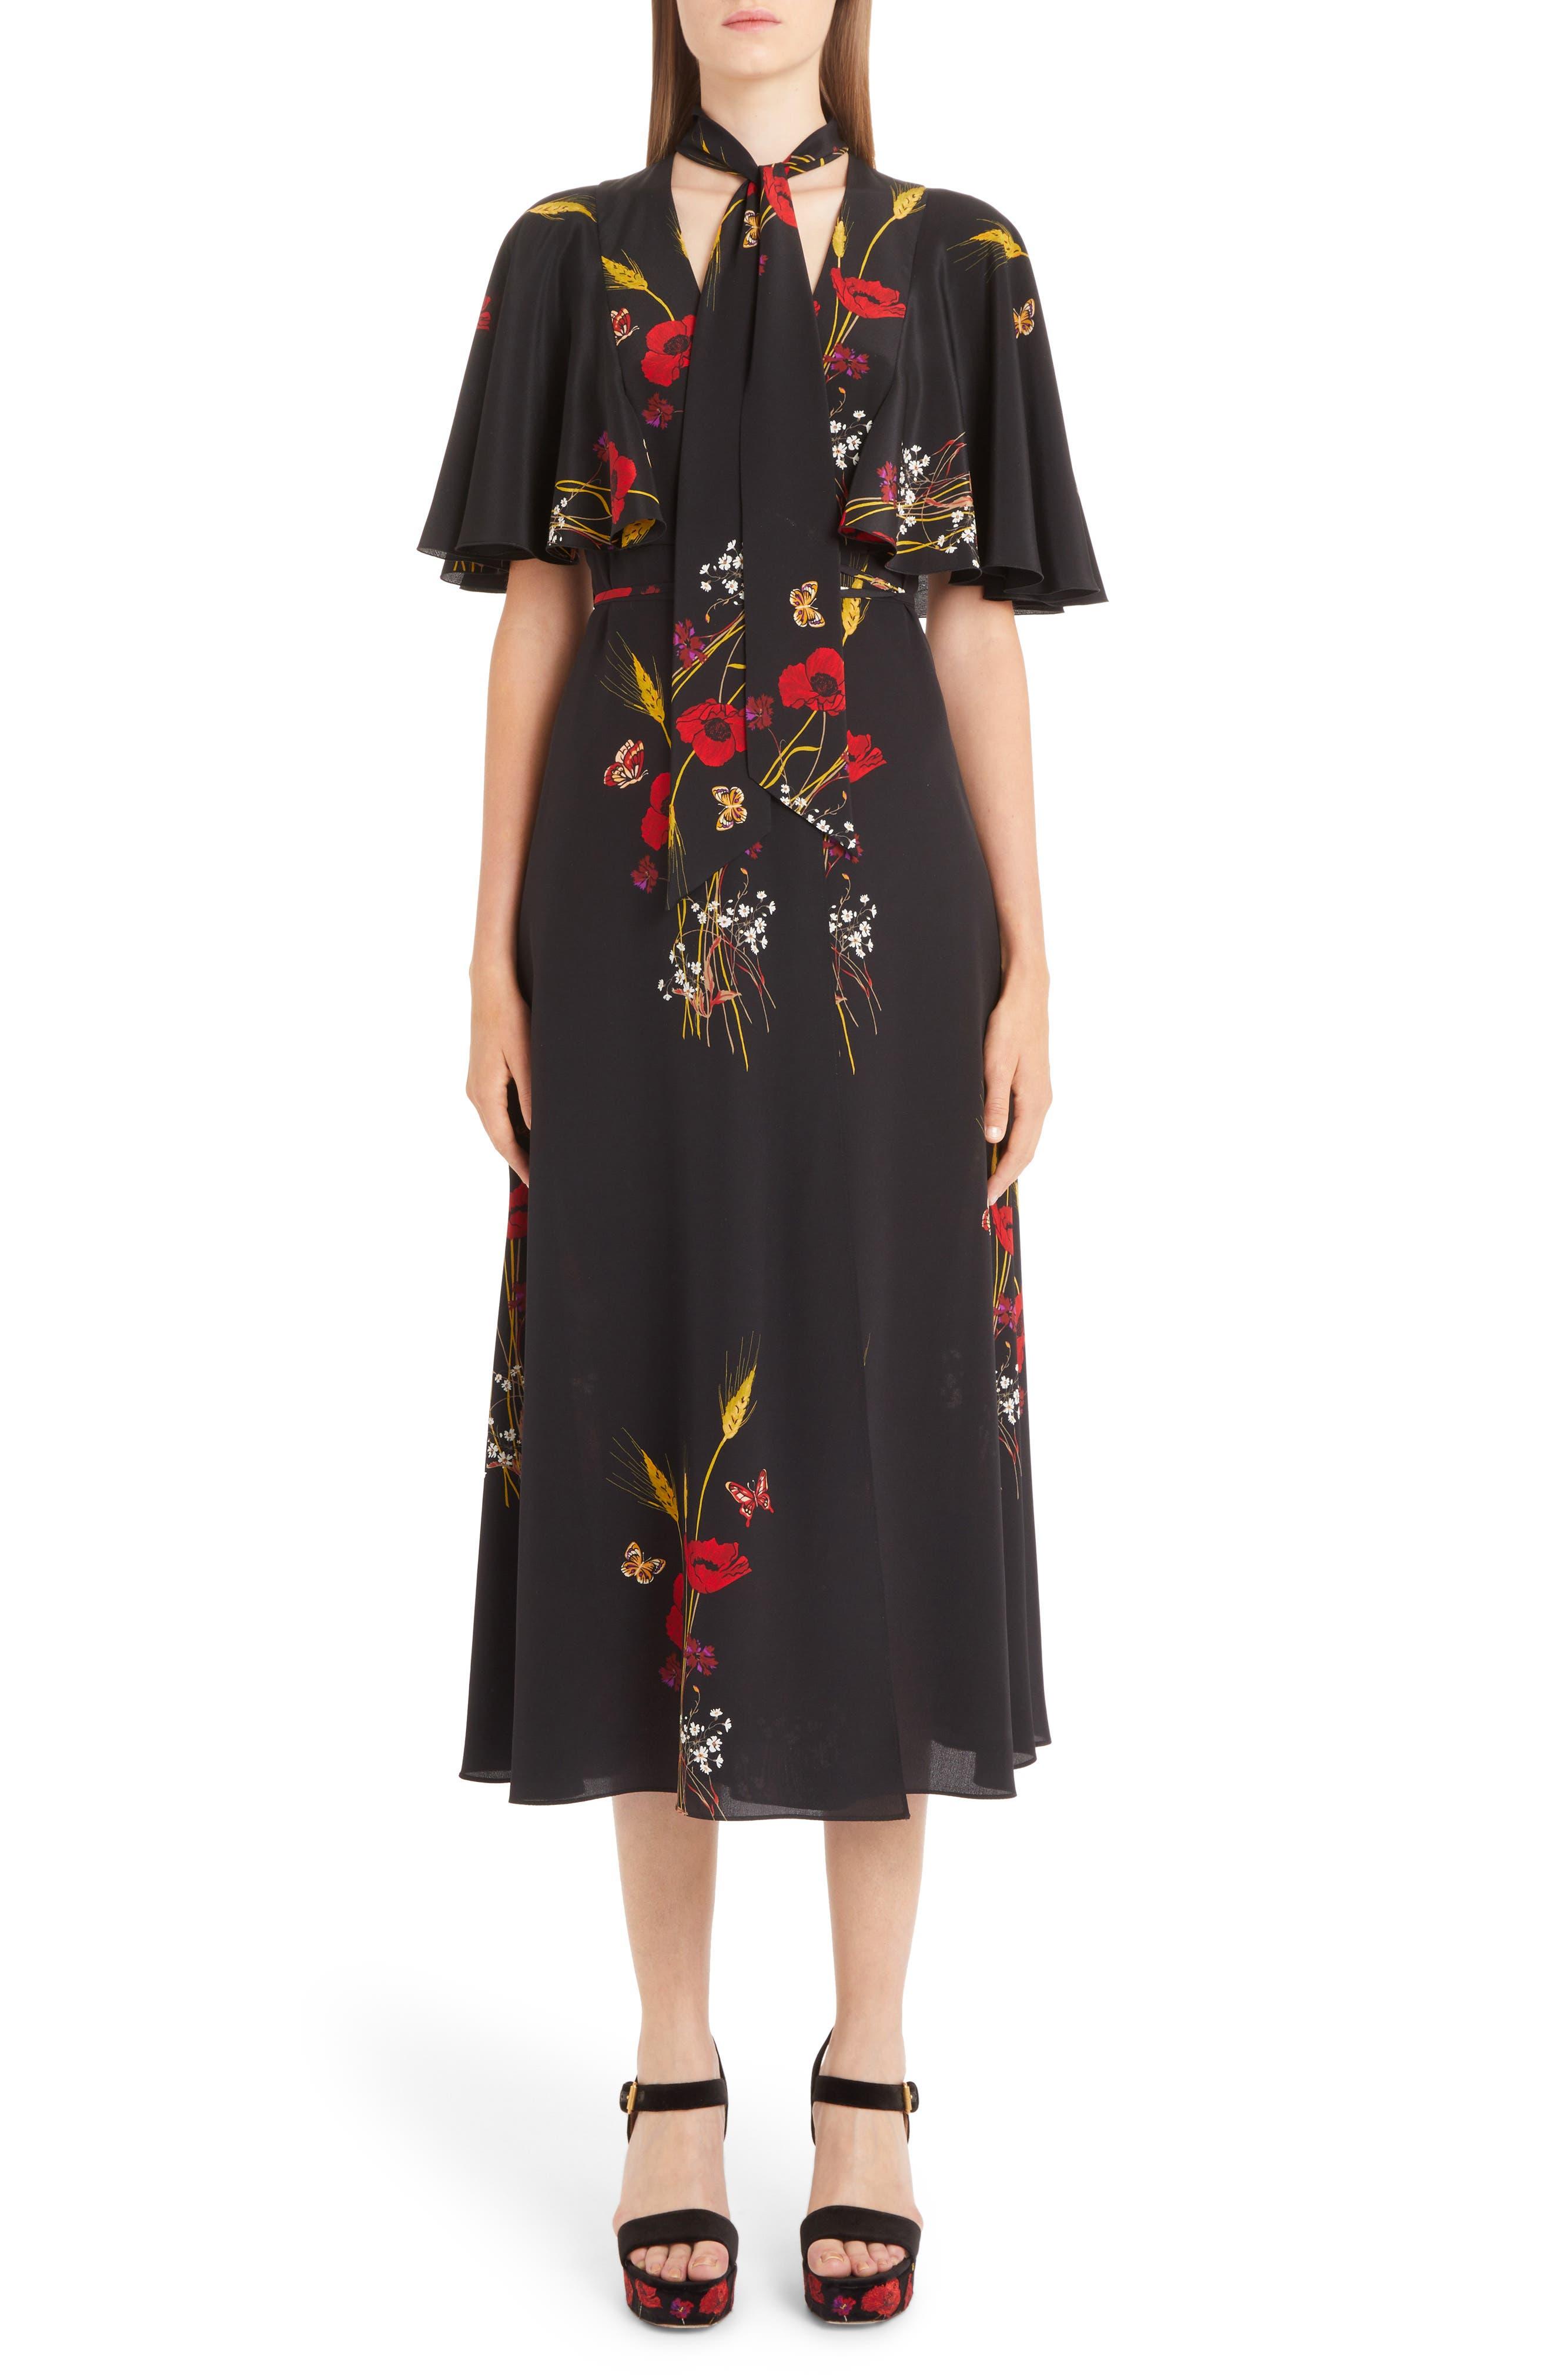 Floral Meadow Print Crêpe de Chine Faux Wrap Dress, Main, color, BLACK/ MULTI COLOR